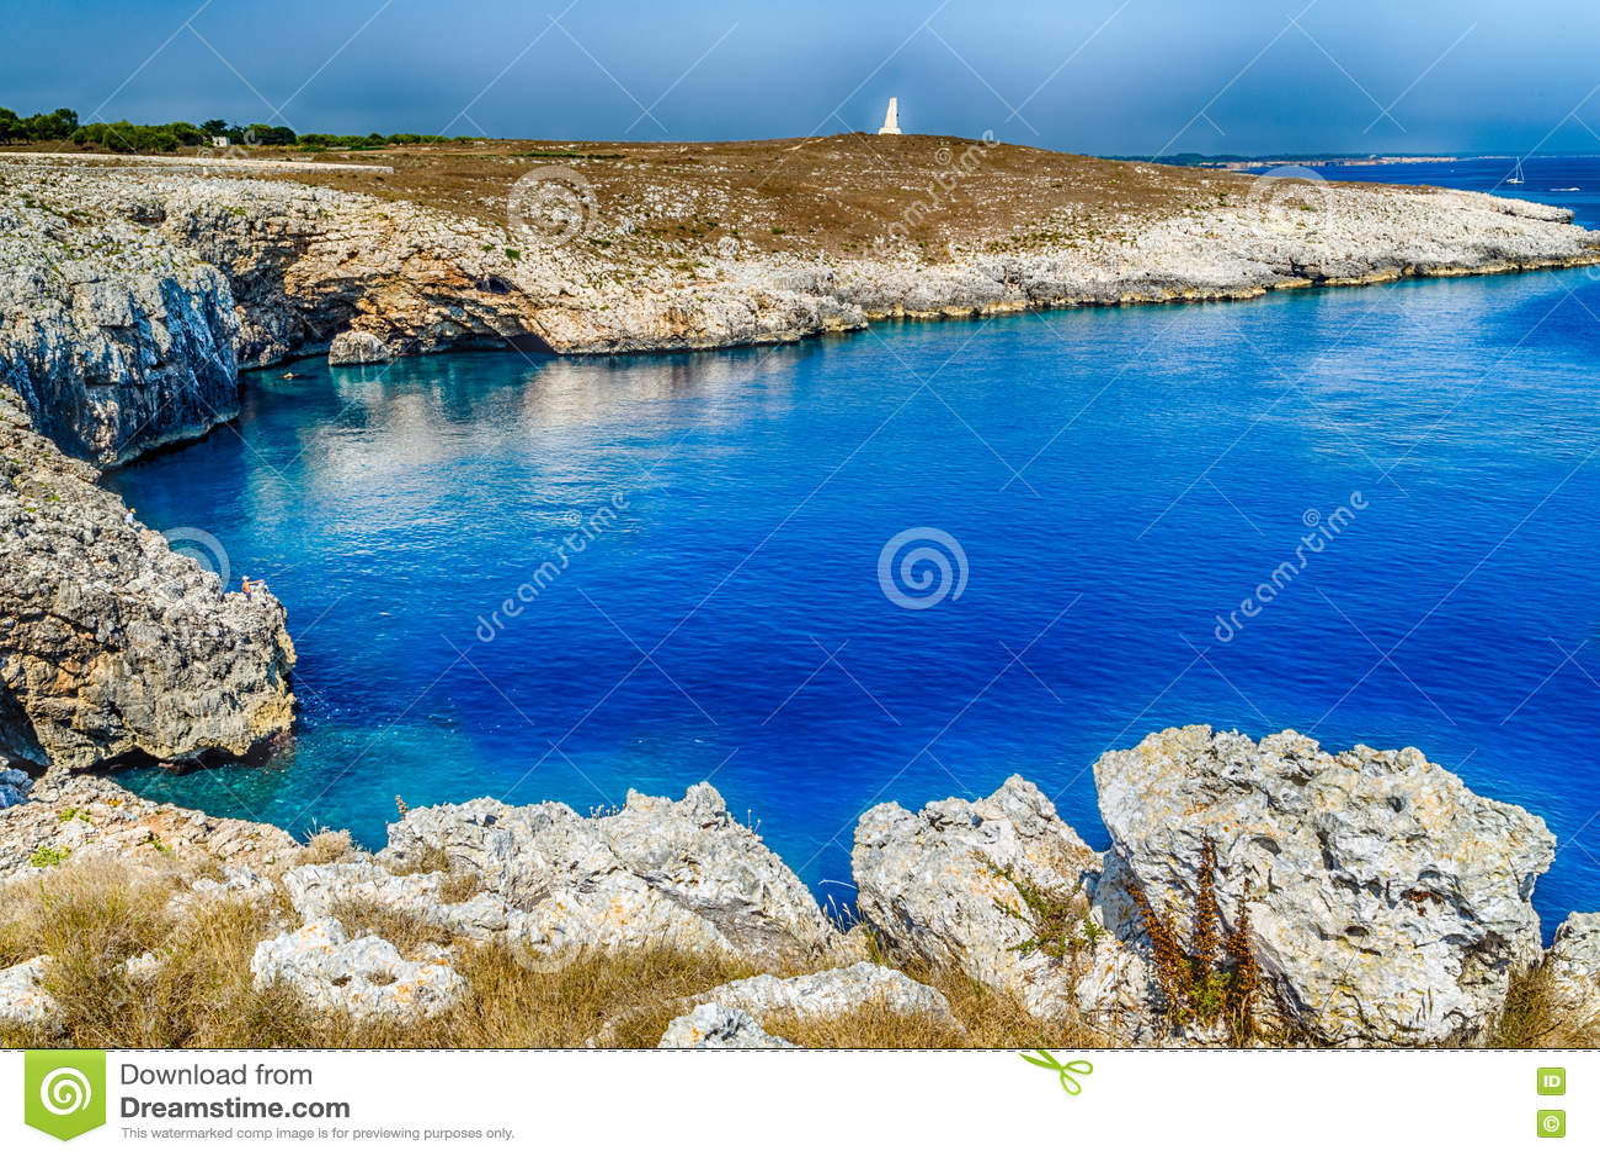 Download Crique Dans La Plage Rocheuse Sur La Mer Adriatique Image stock - Image du méditerranéen, adriatique: 63092181